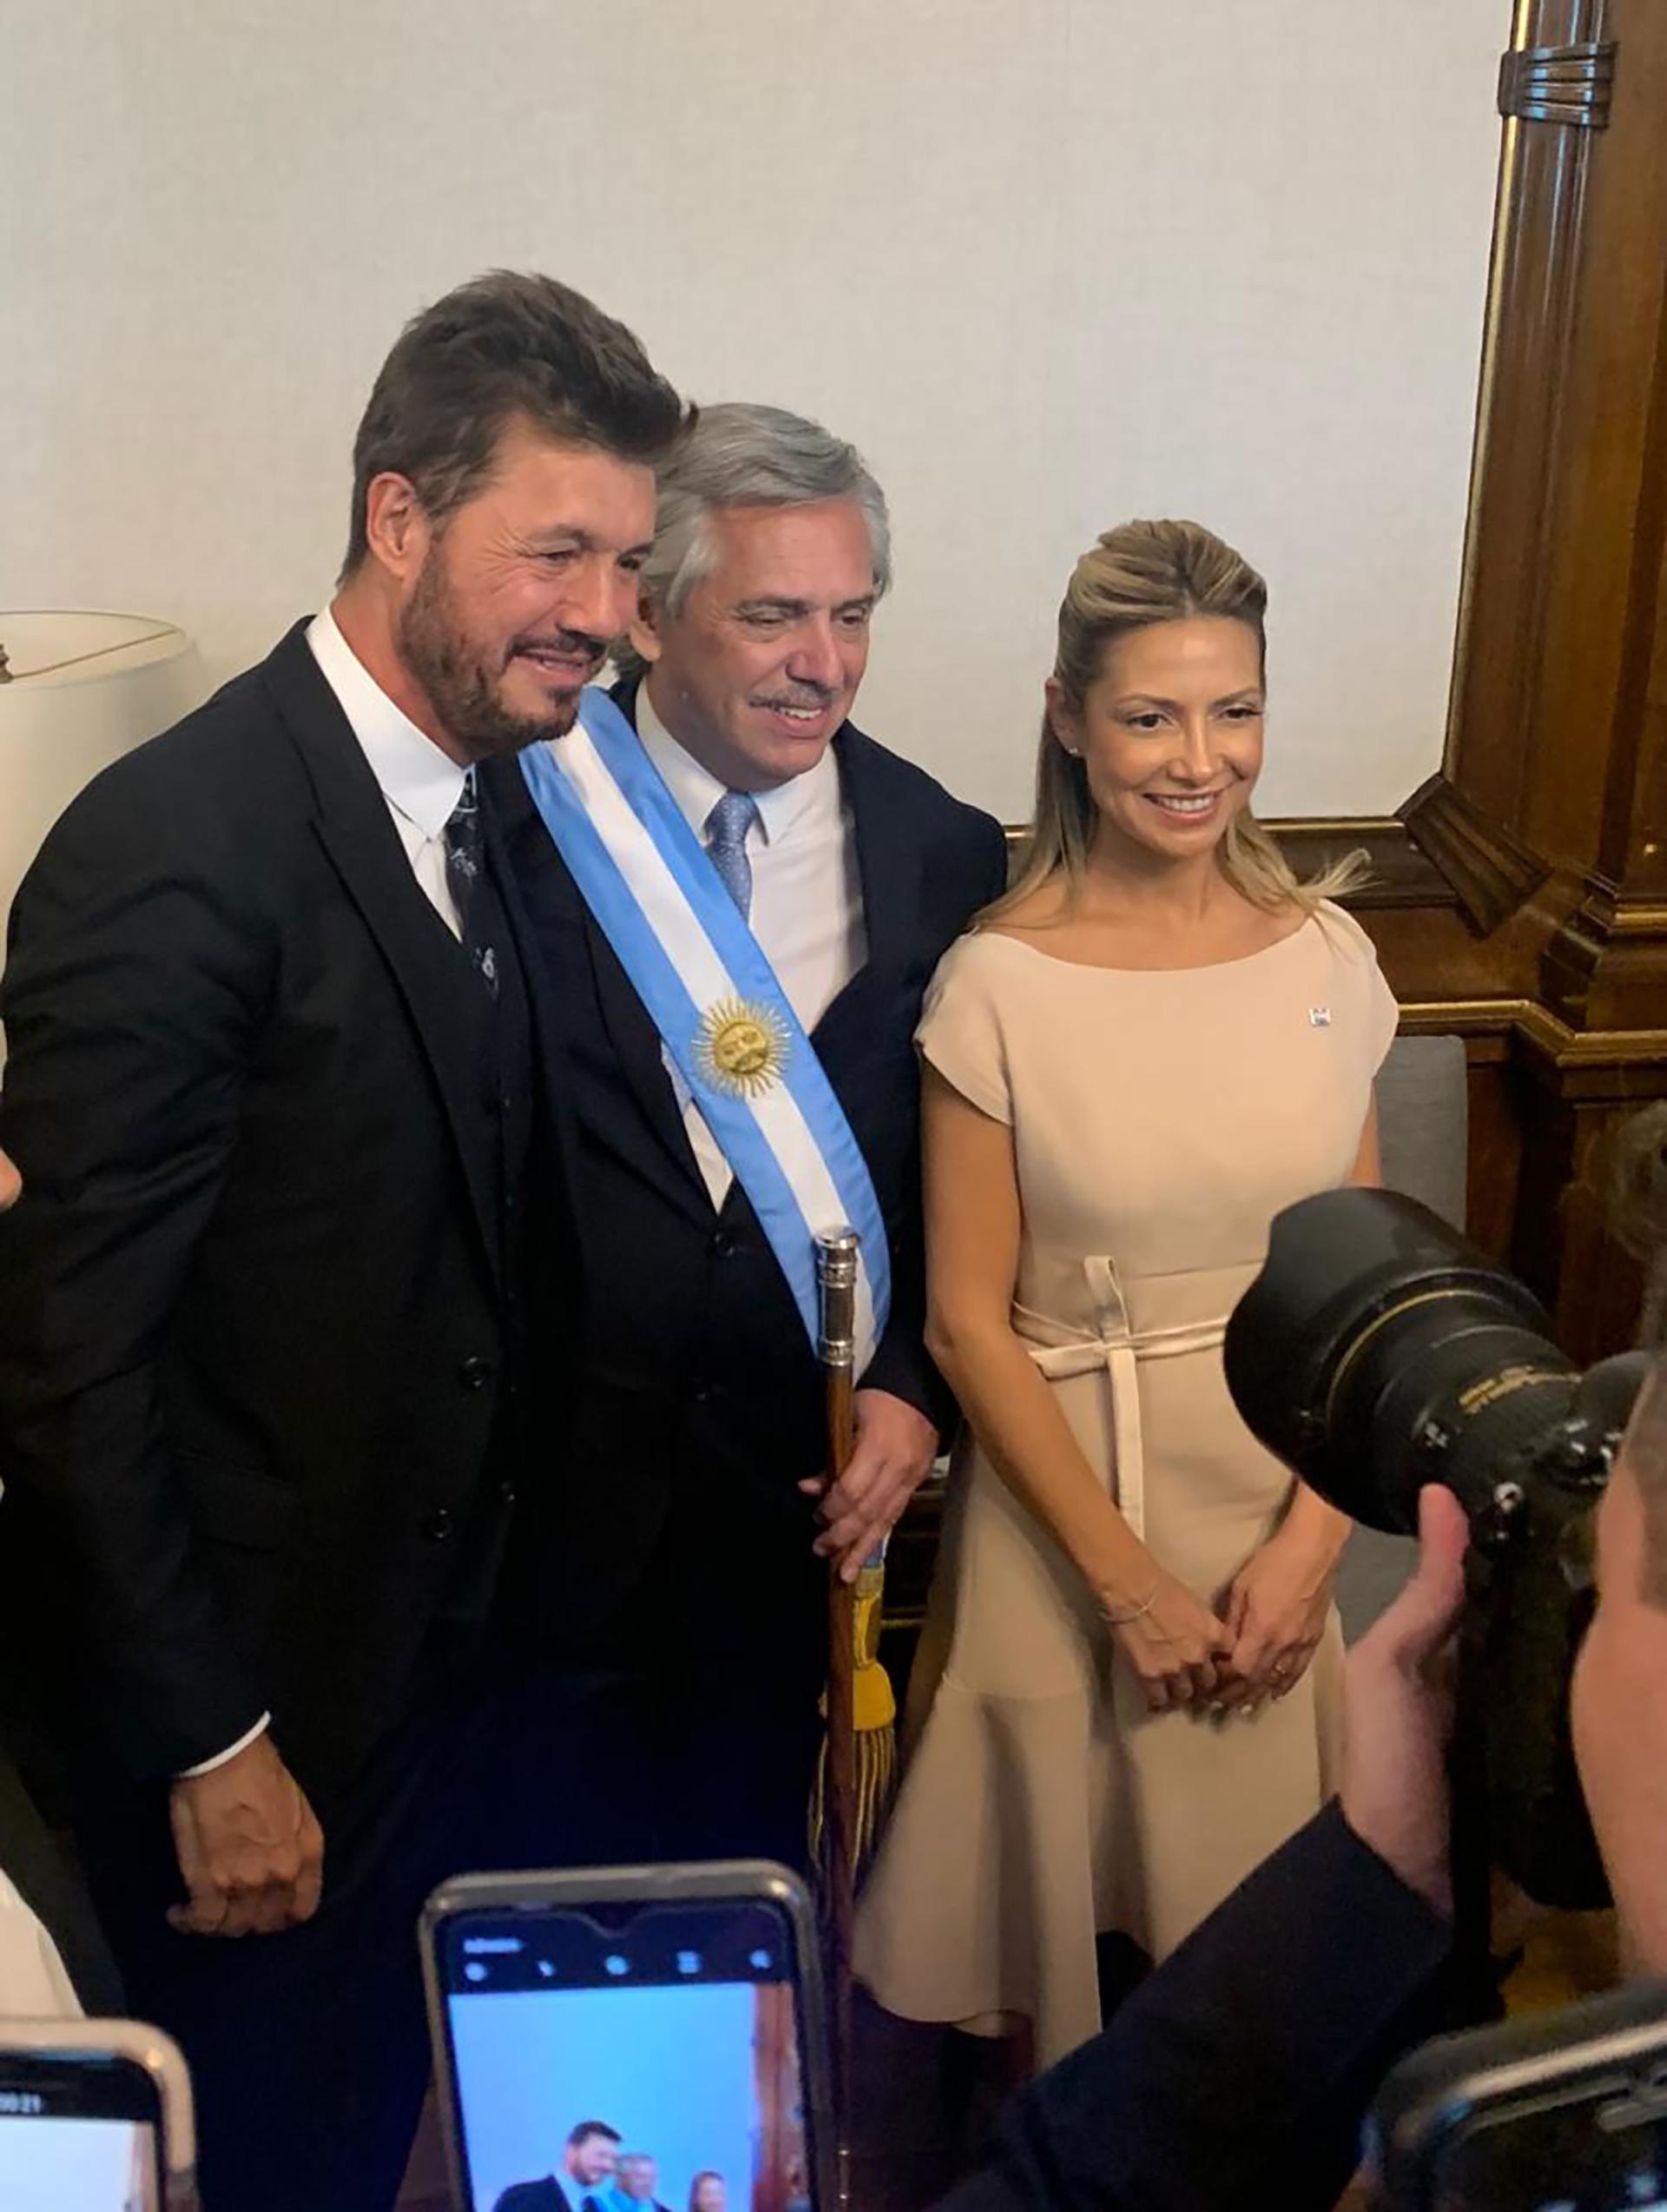 El presidente Alberto Fernández, junto al conductor Marcelo Tinelli y a la primera dama Fabiola Yáñez en su despacho de la Casa Rosada